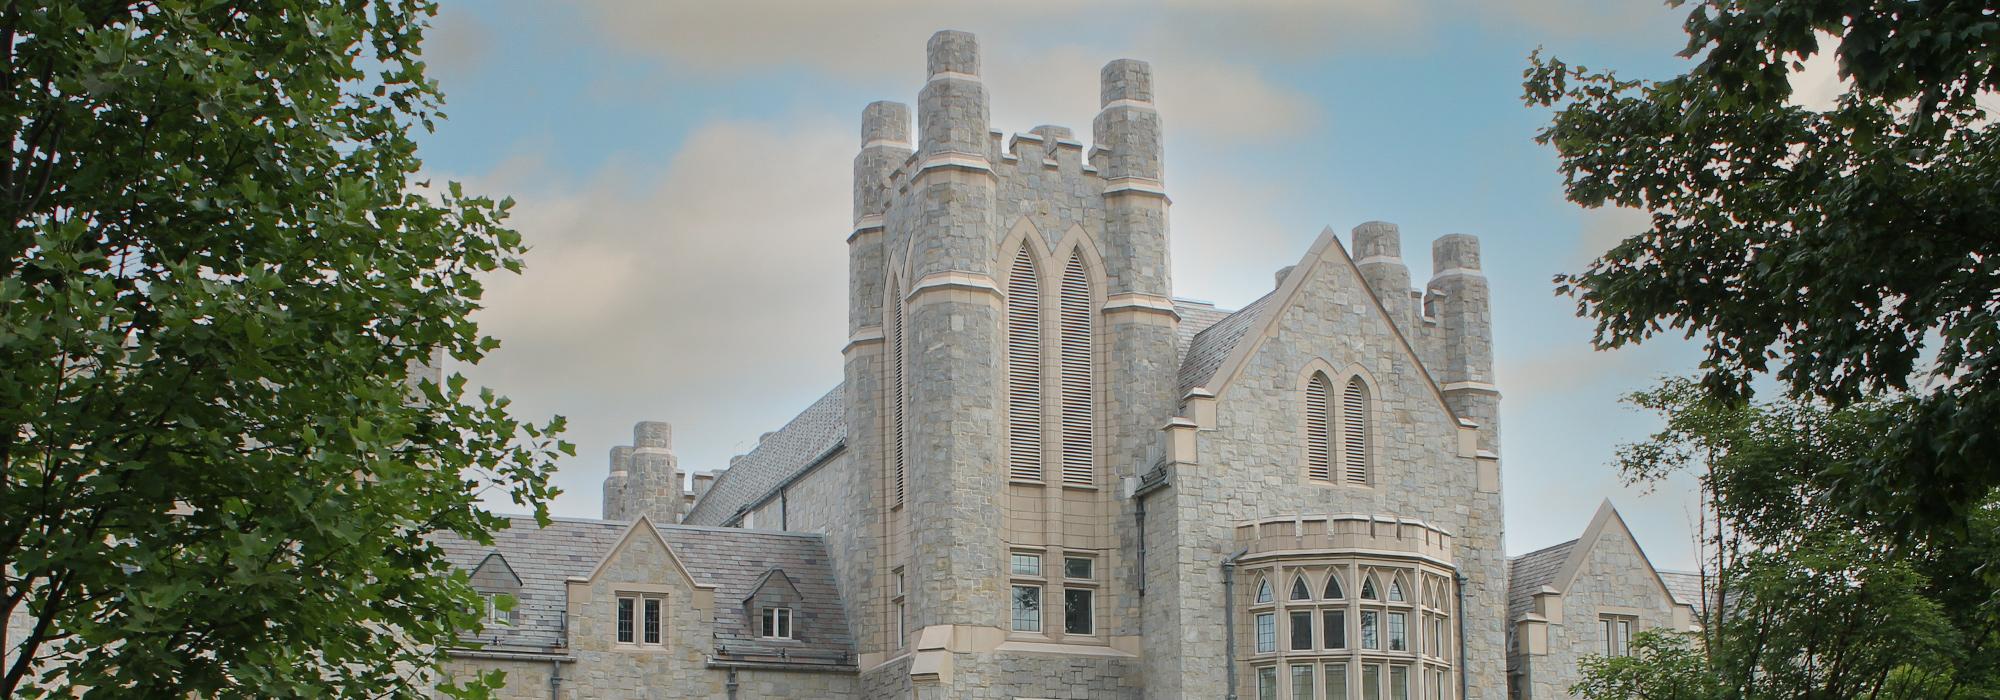 Thomas J. Meskill Law Library